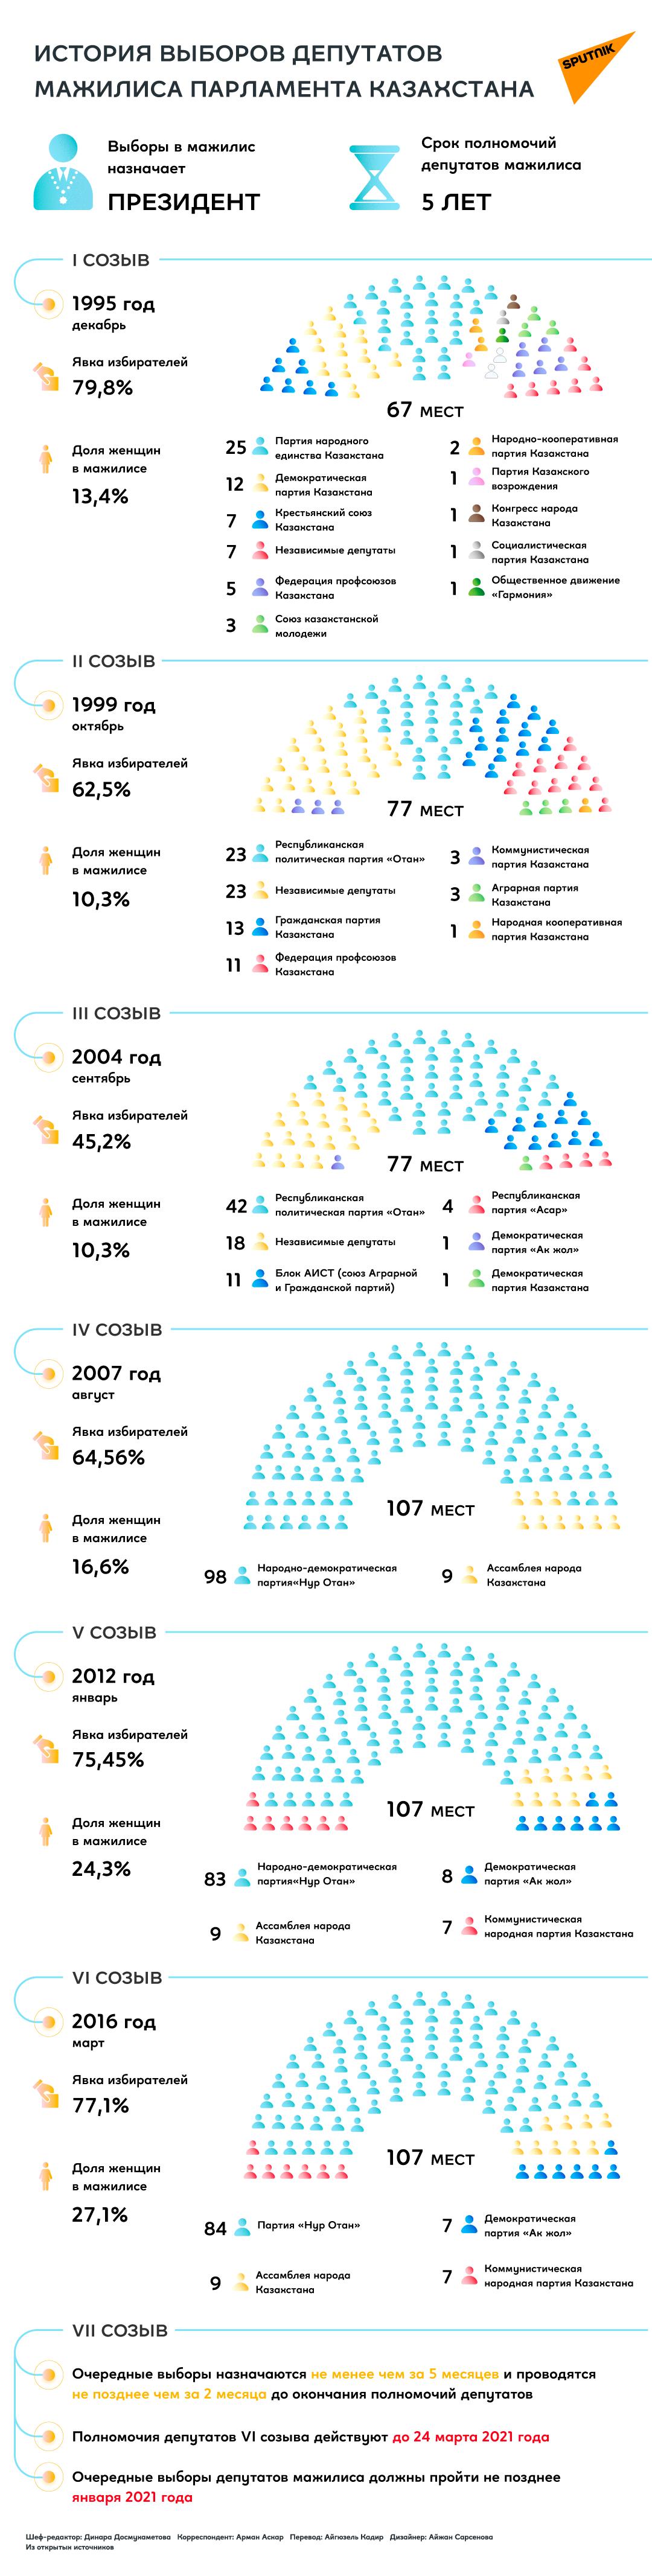 История выборов в мажилис